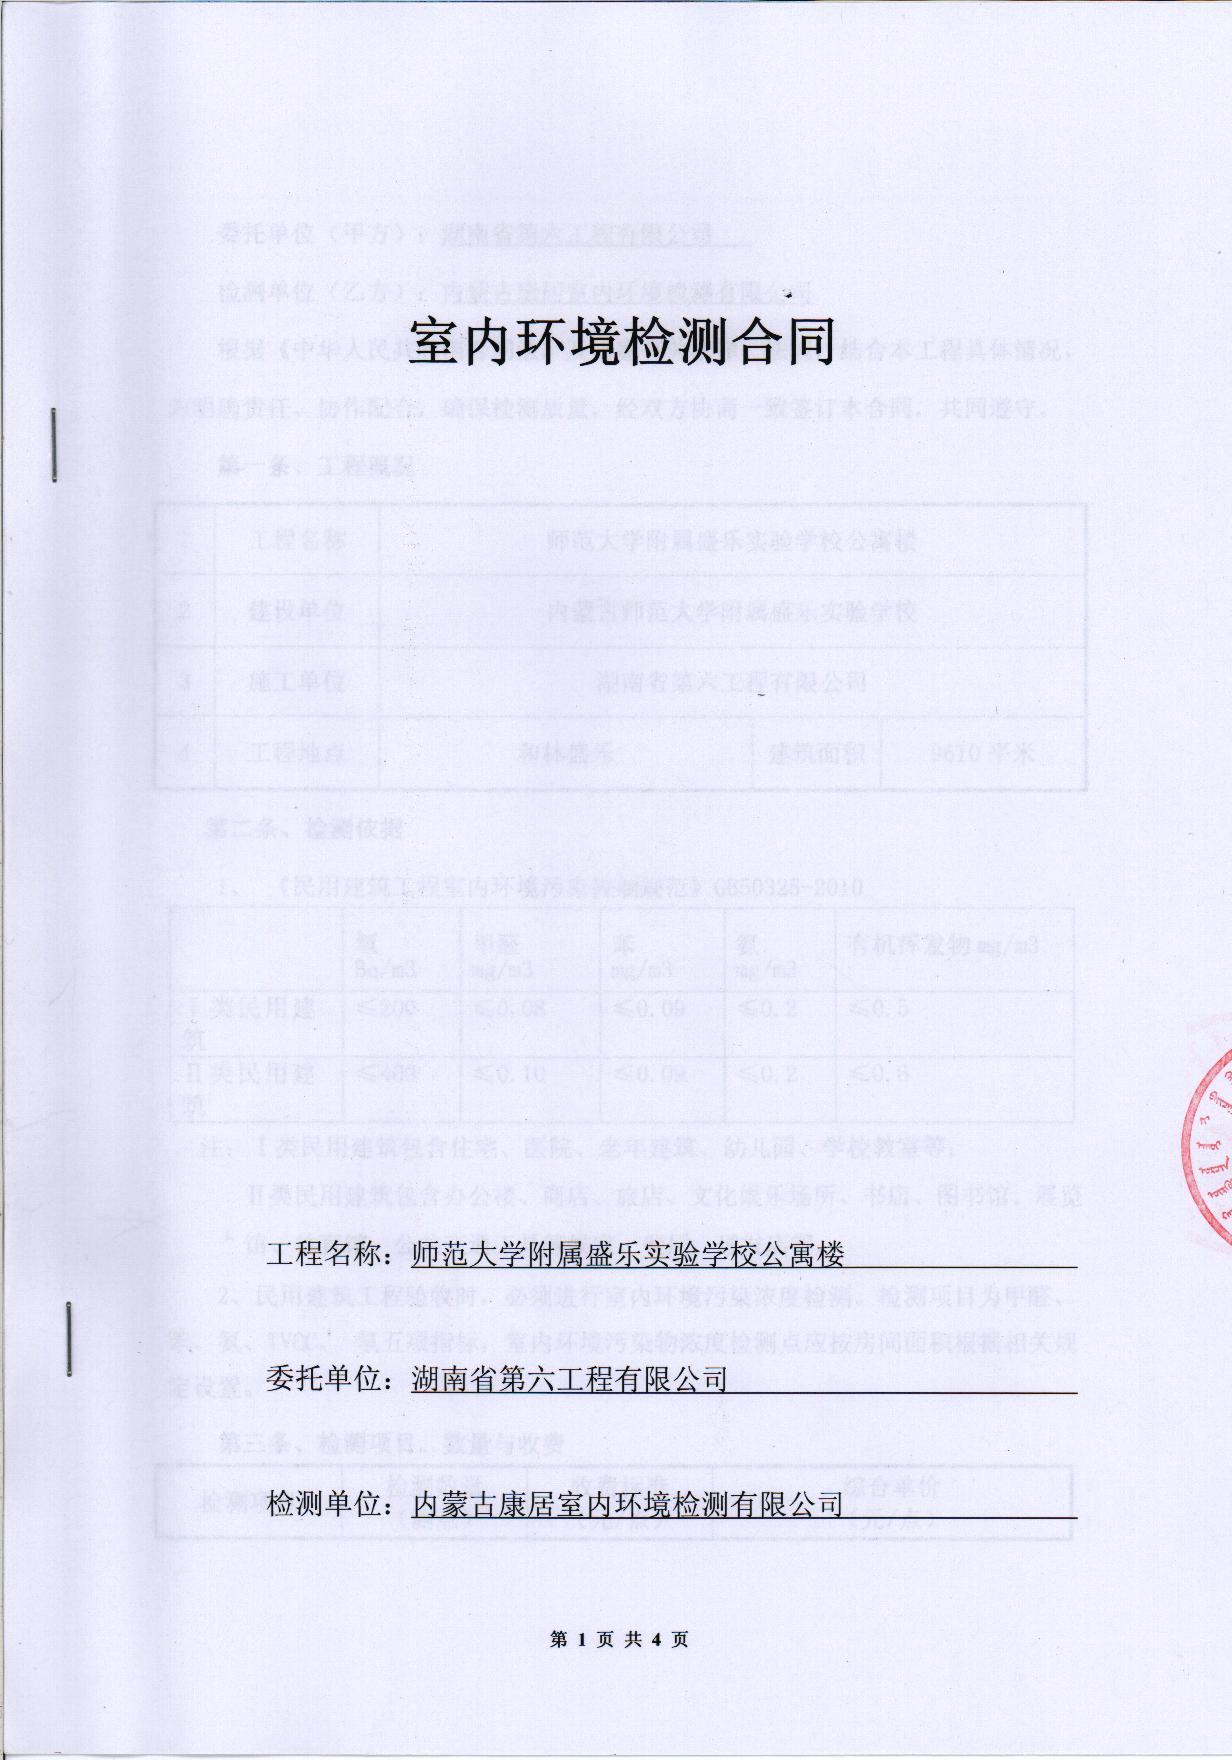 师范大学附属实验学校公寓楼雷火app官网下载报告